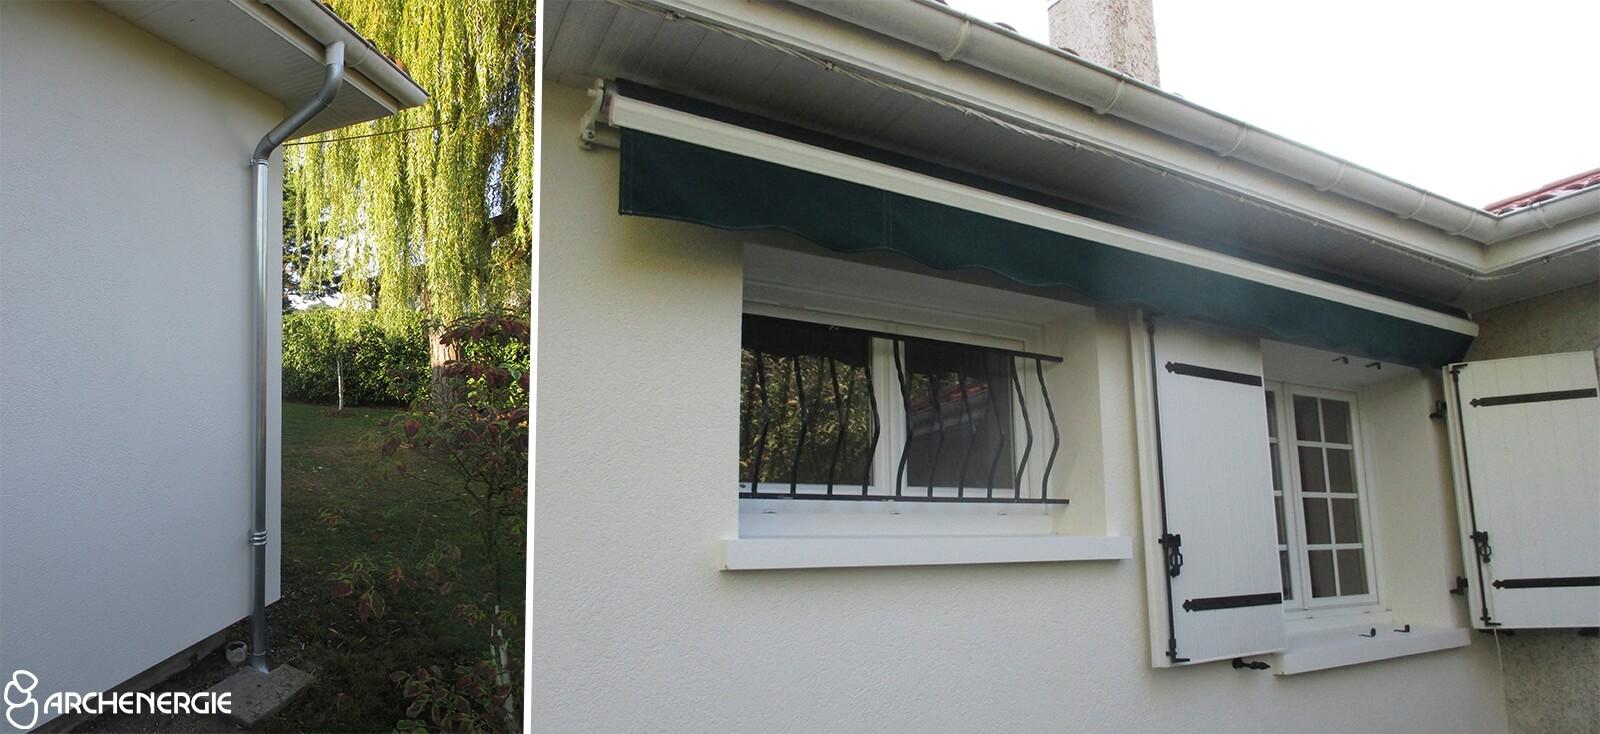 ITE d'une maison à Villenave d'Ornon (33)